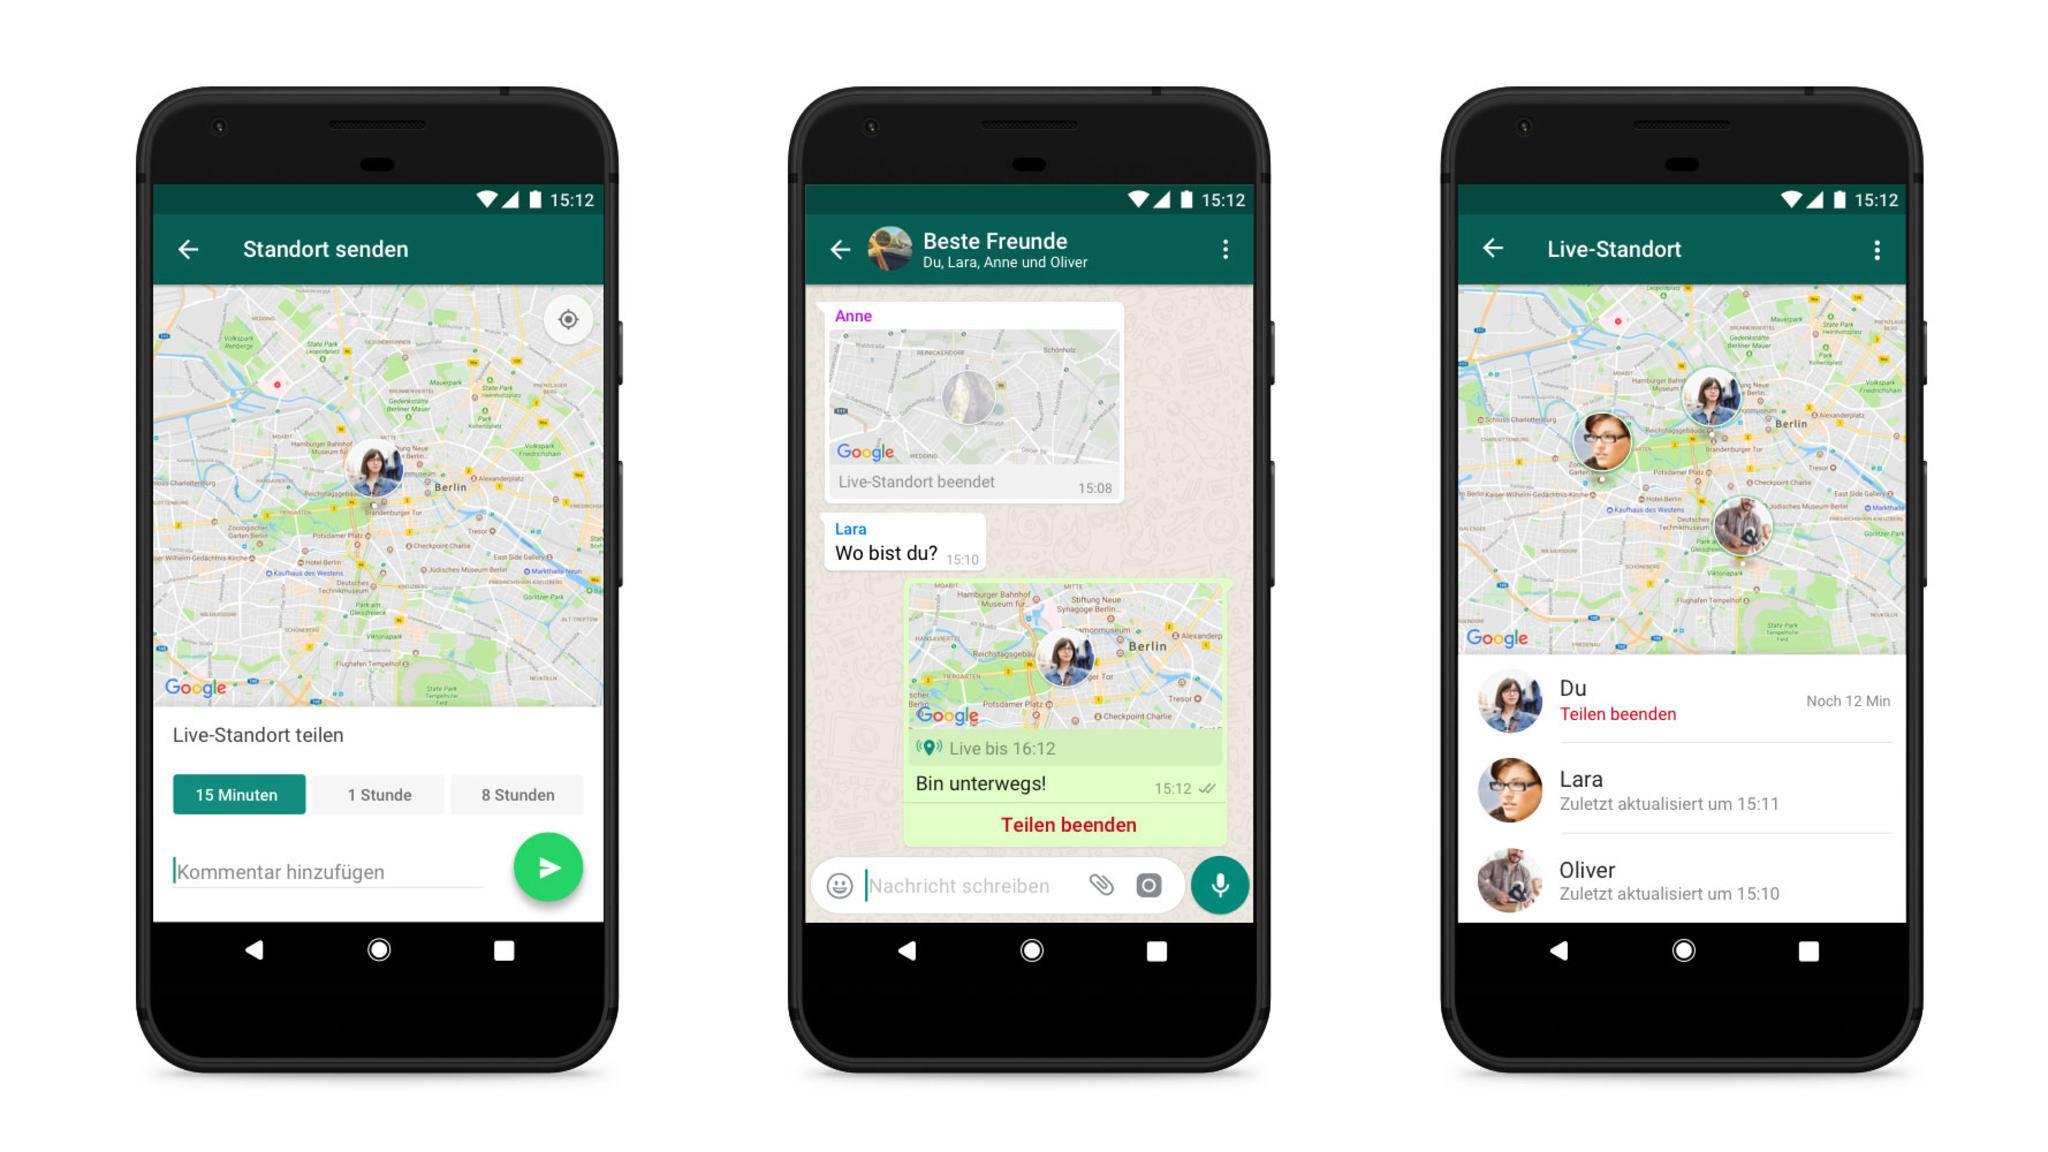 WhatsApp erlaubt jetzt das Teilen von Live-Standorten in Echtzeit.